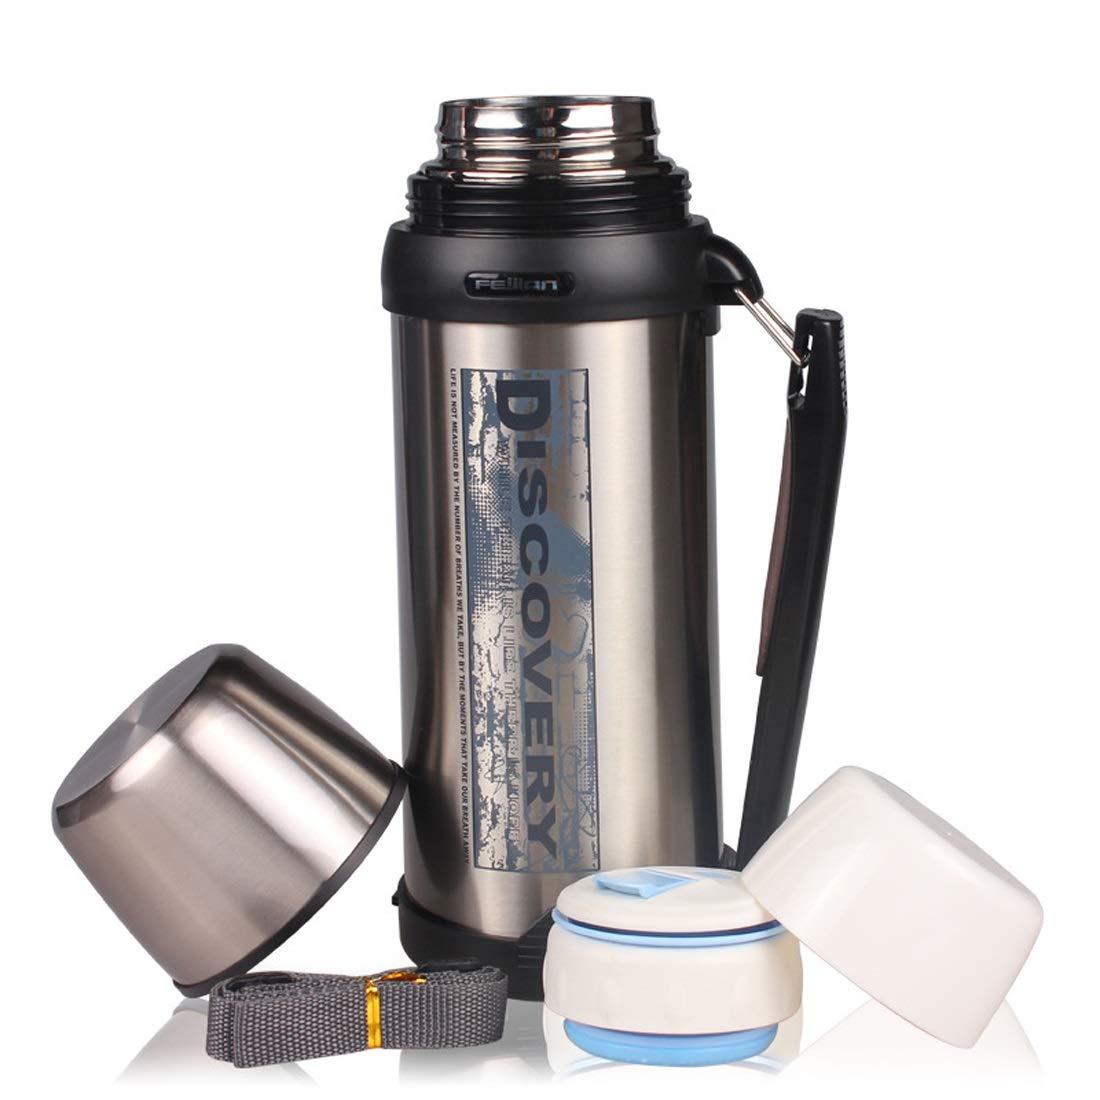 KARTELEI 61 Unzen Große Kapazität Edelstahl Vacuum Insulaterd Wasserflasche Outdoor-Reise-Wasserkocher